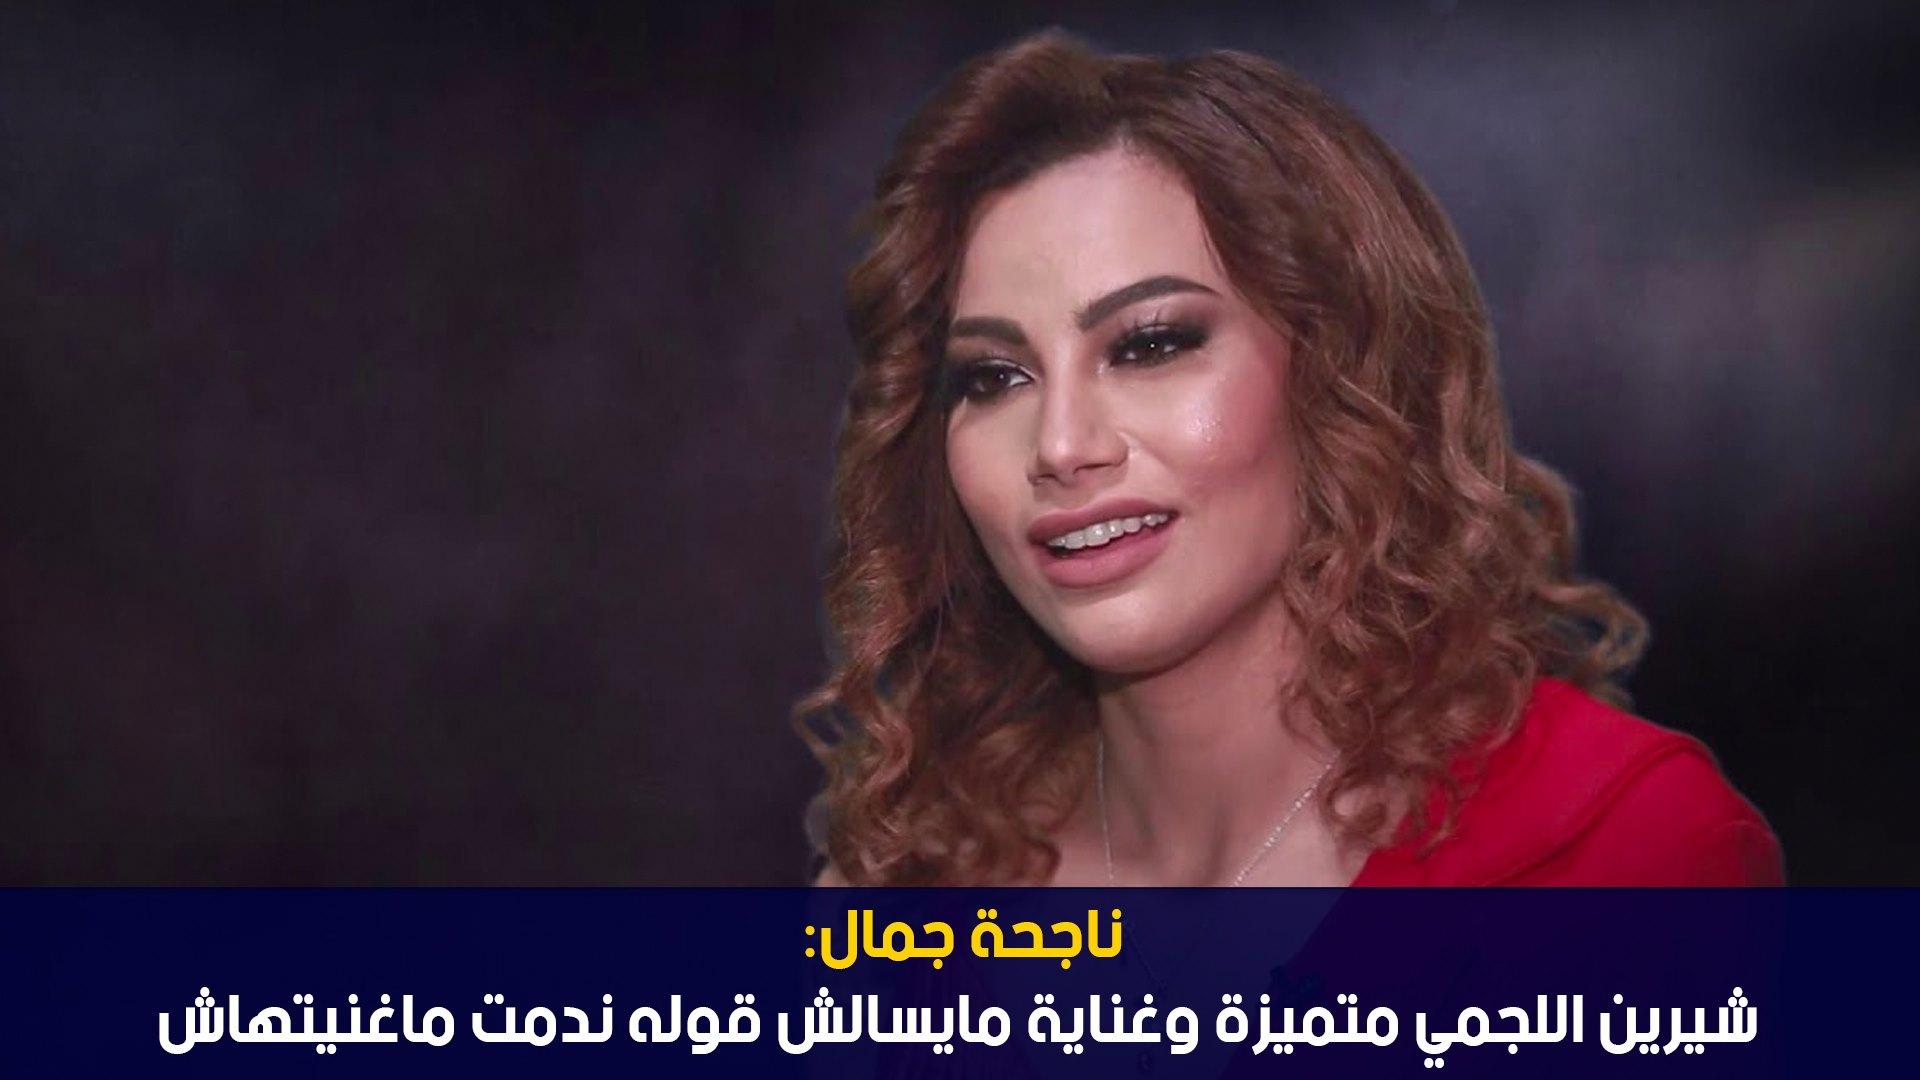 ناجحة جمال: شيرين اللجمي متميزة وغناية مايسالش قوله ندمت ماغنيتهاش